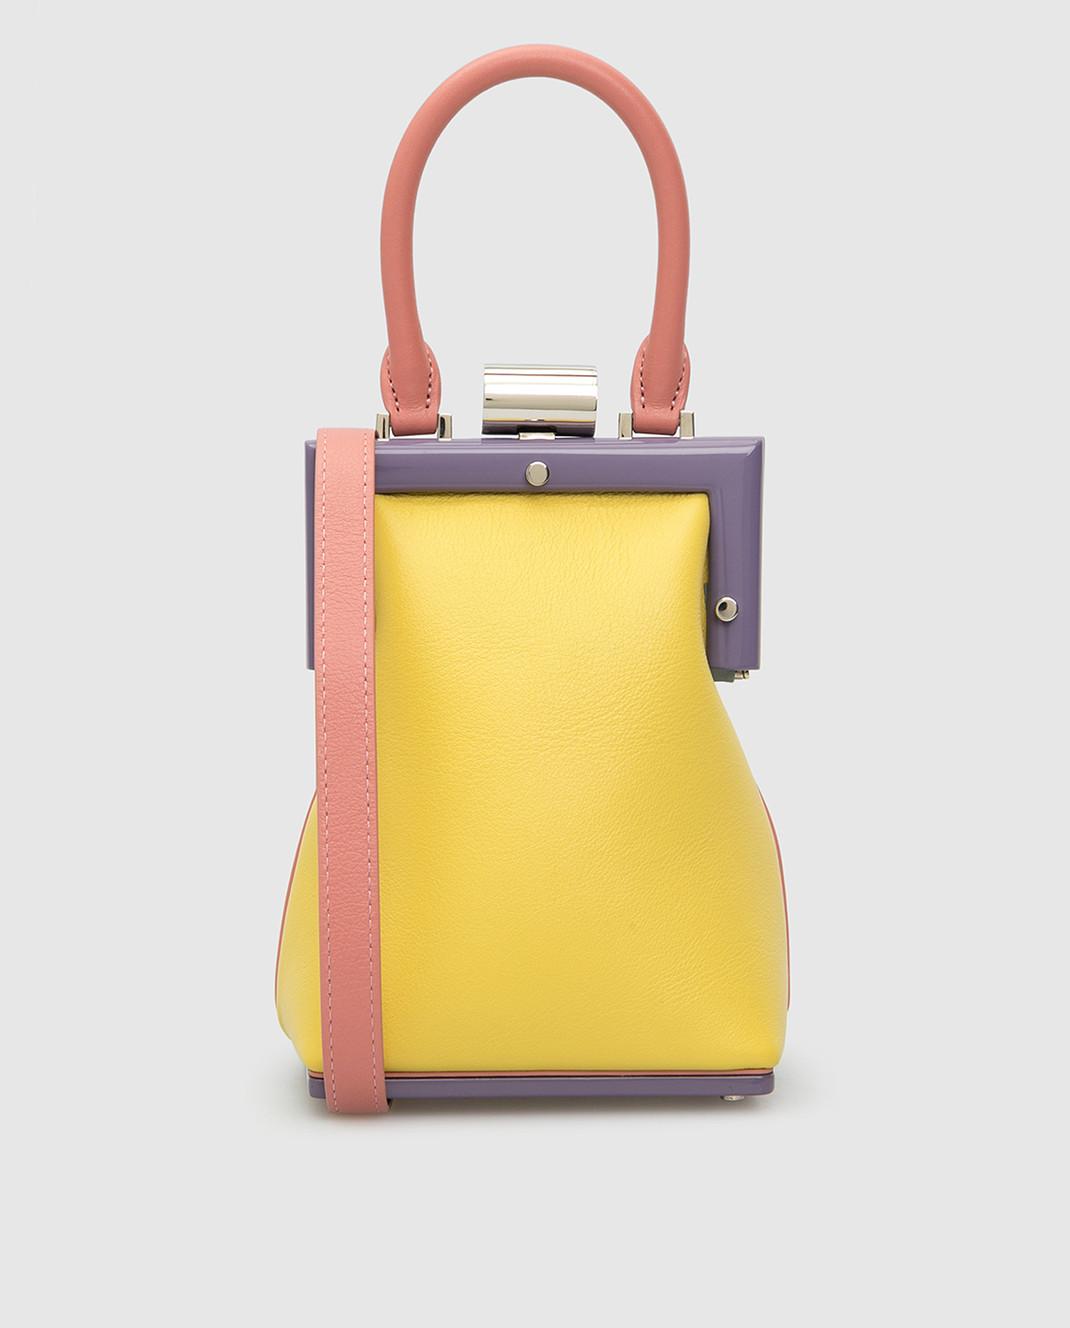 Perrin Кожаная сумка изображение 1